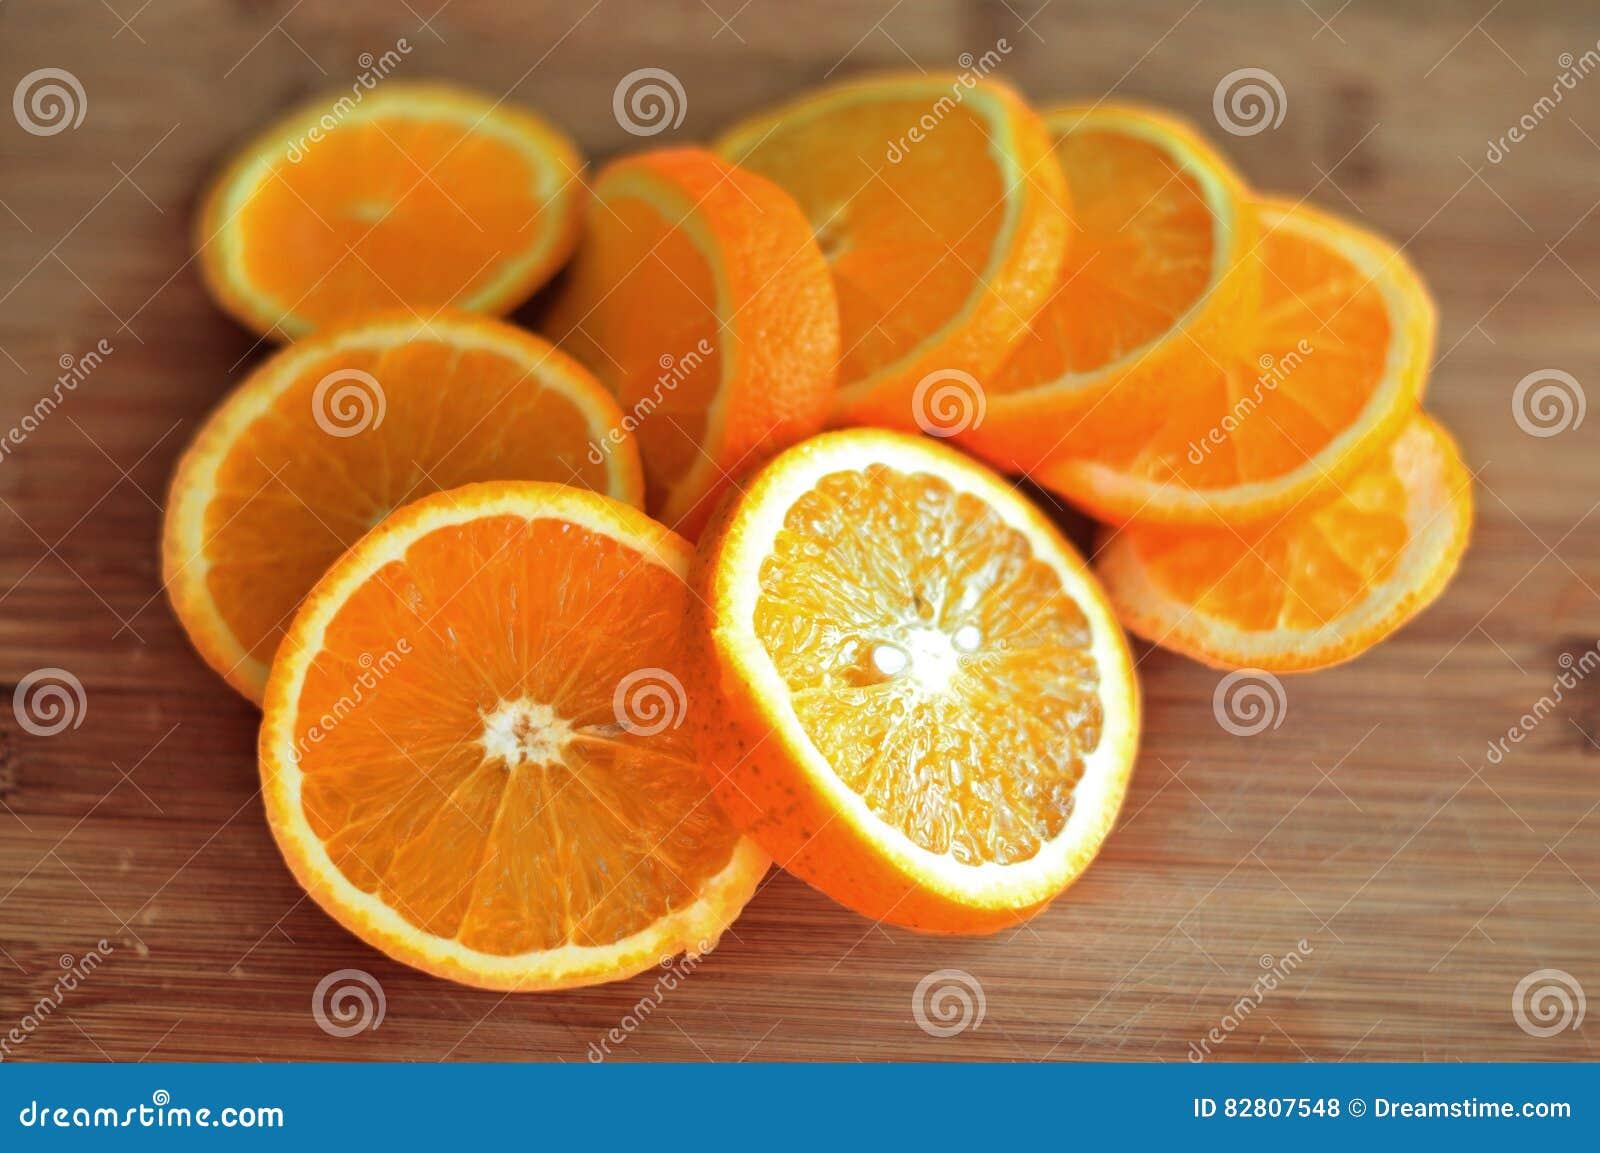 Naranja rebanada